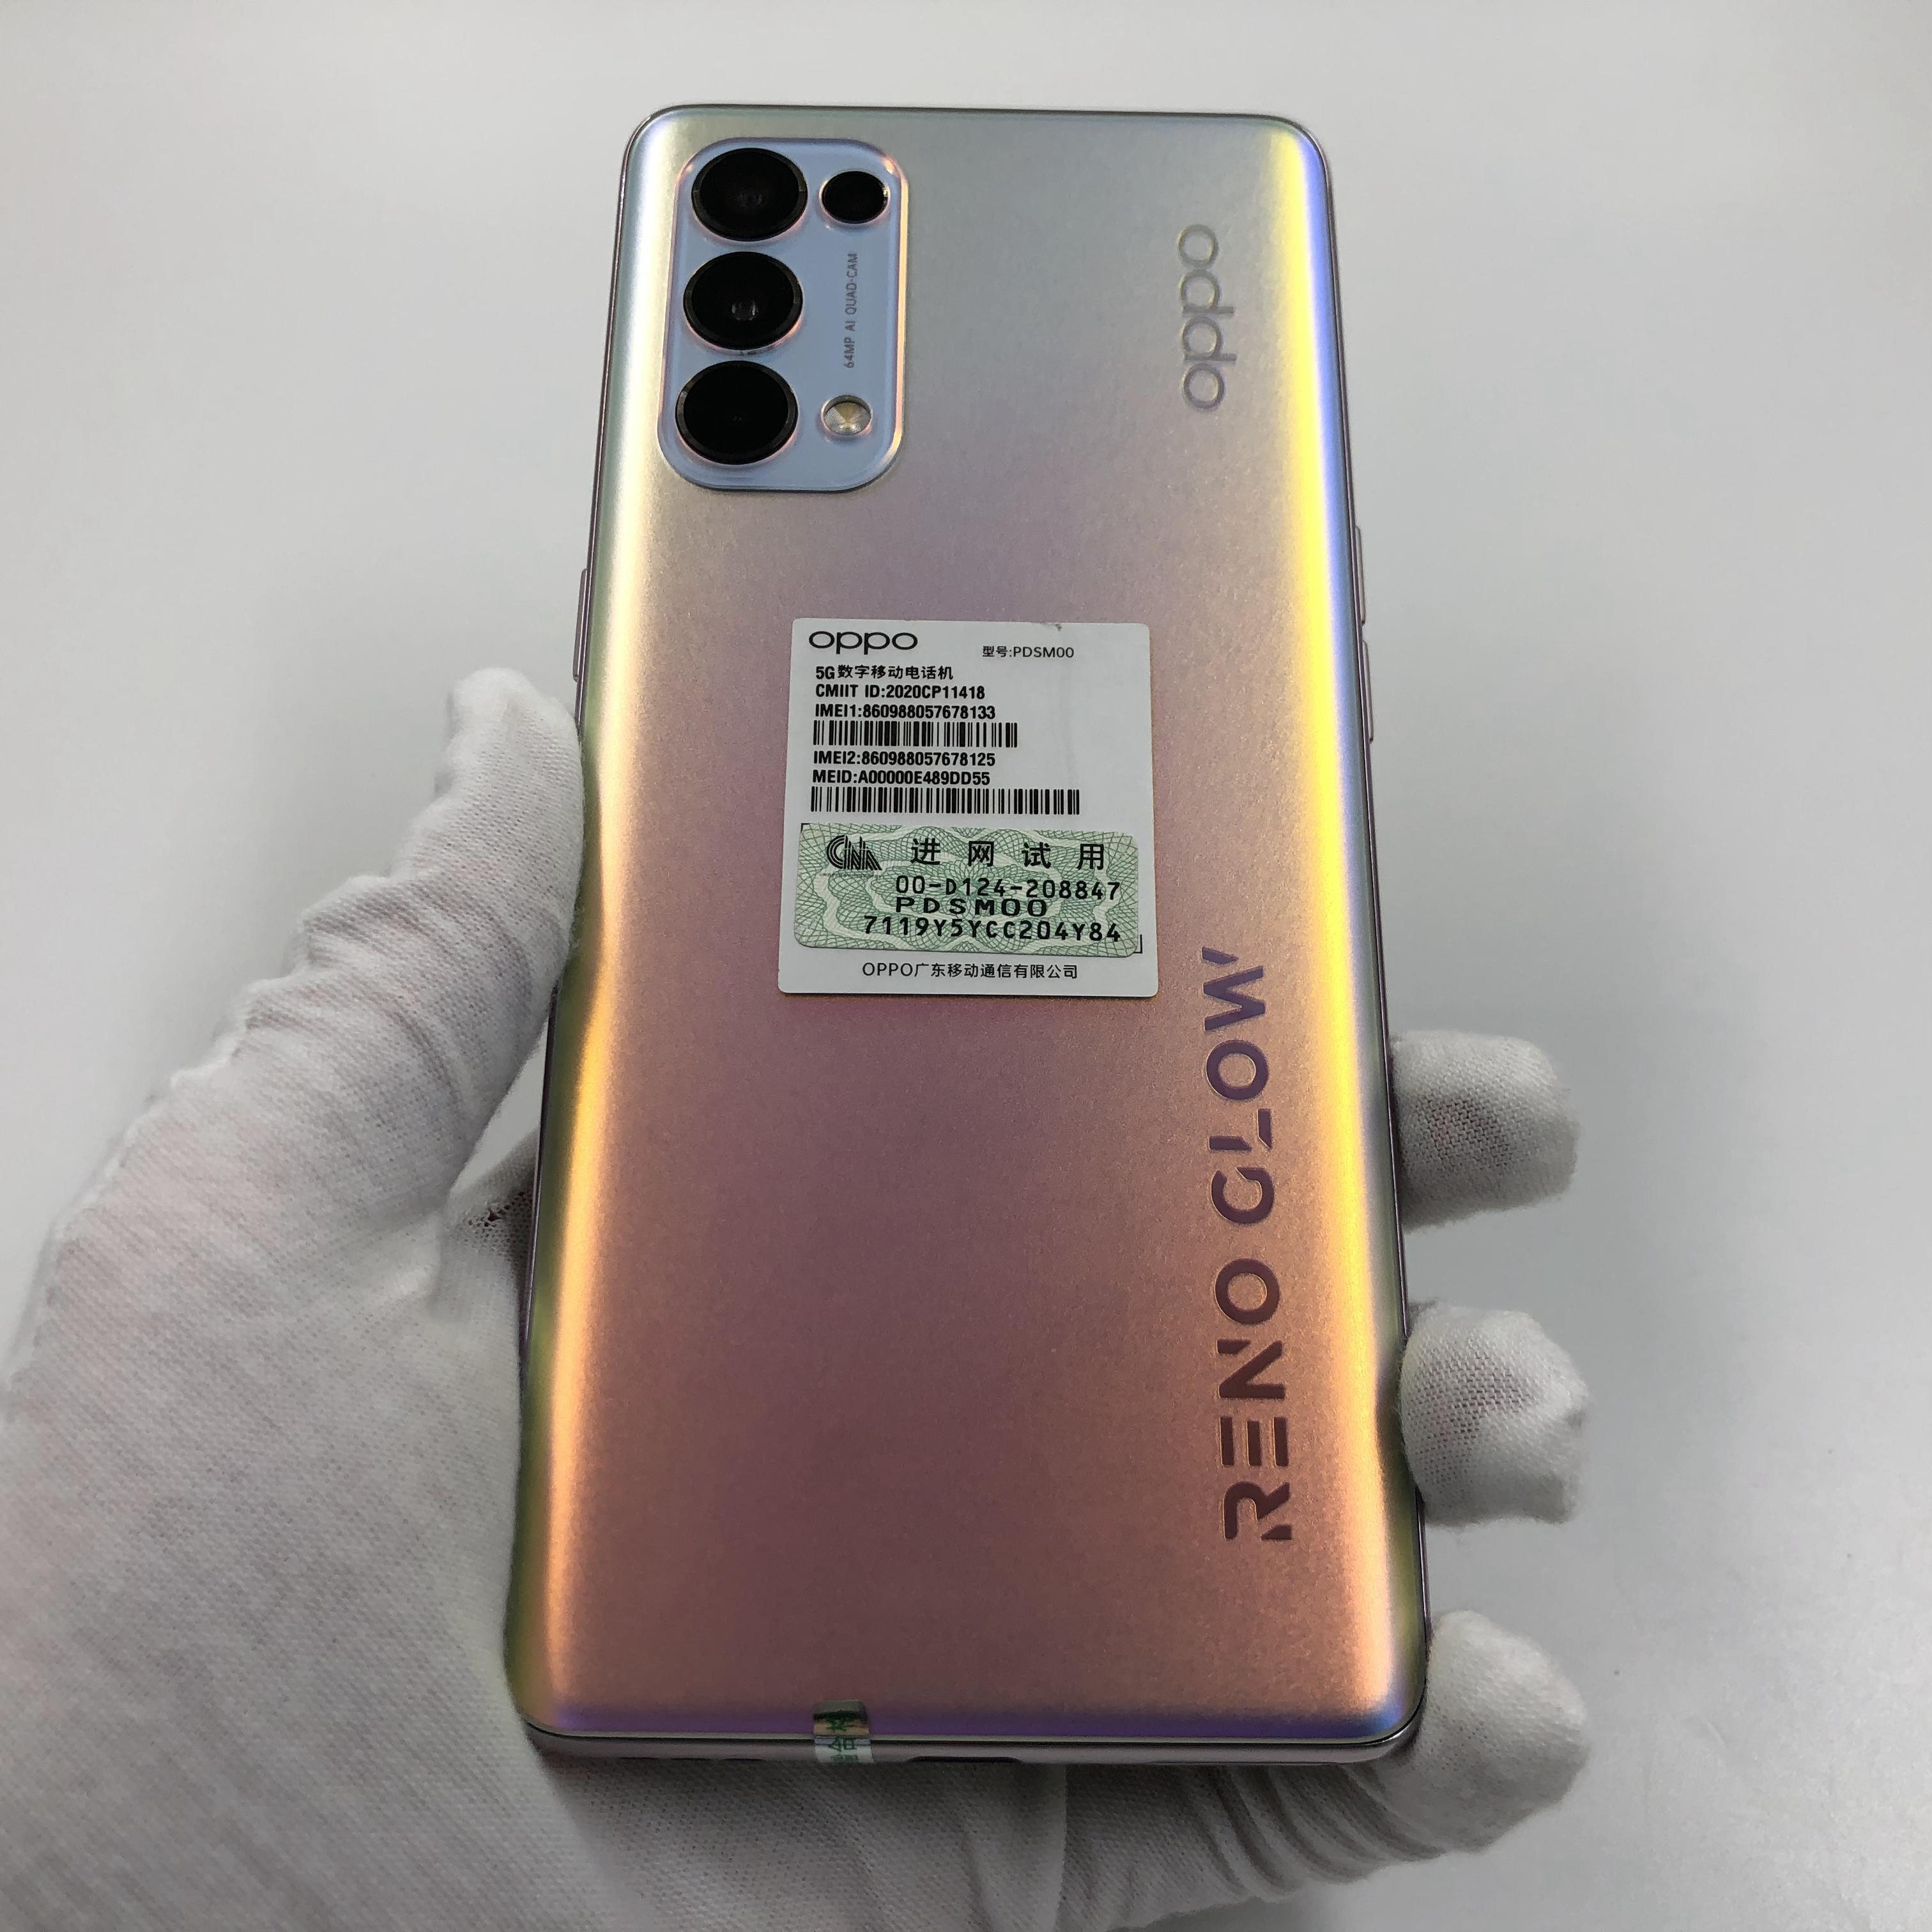 oppo【Reno5 Pro】5G全网通 星河入梦 12G/256G 国行 9成新 真机实拍